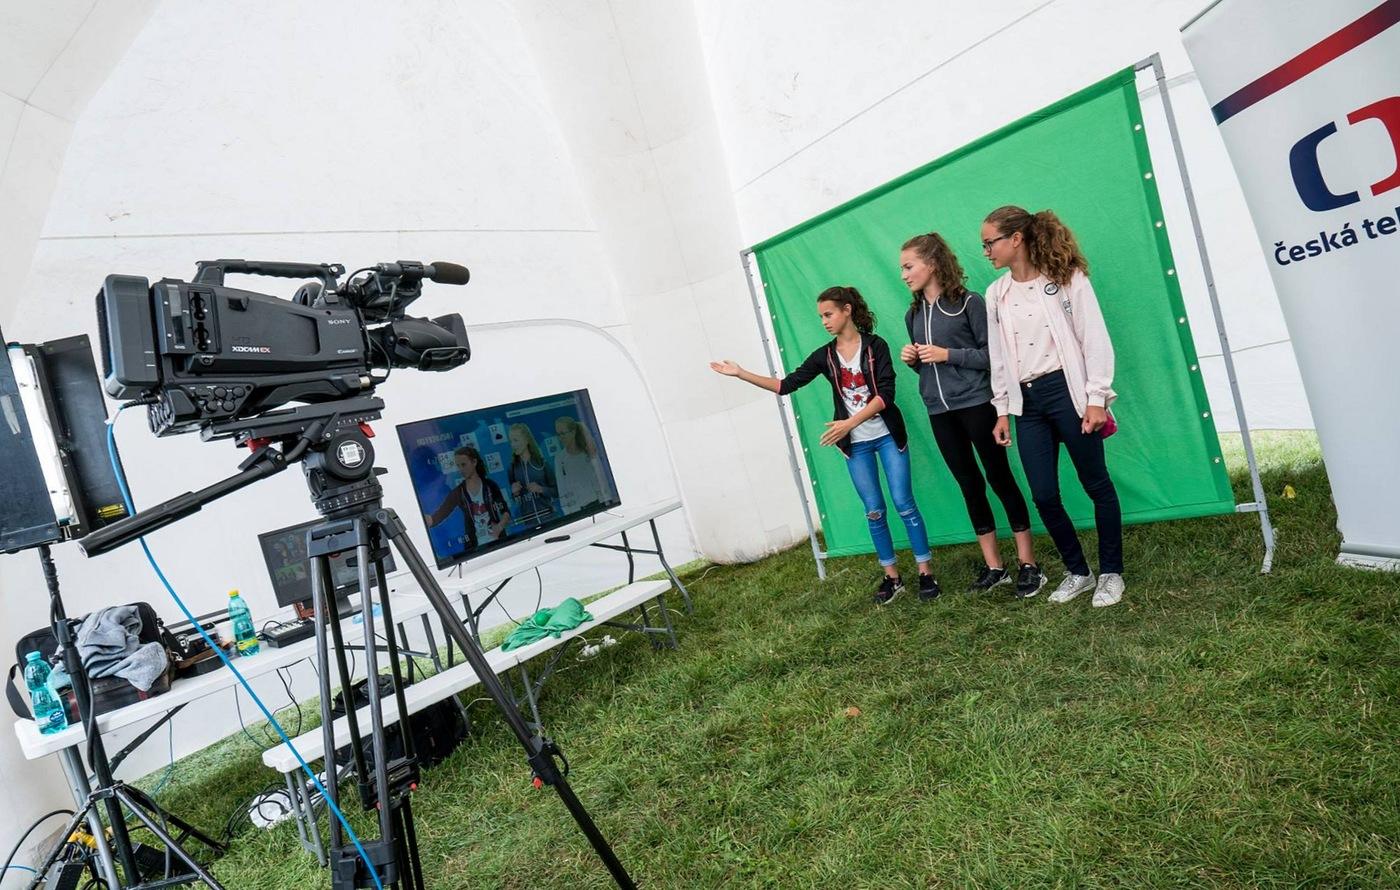 Green-screen České televize